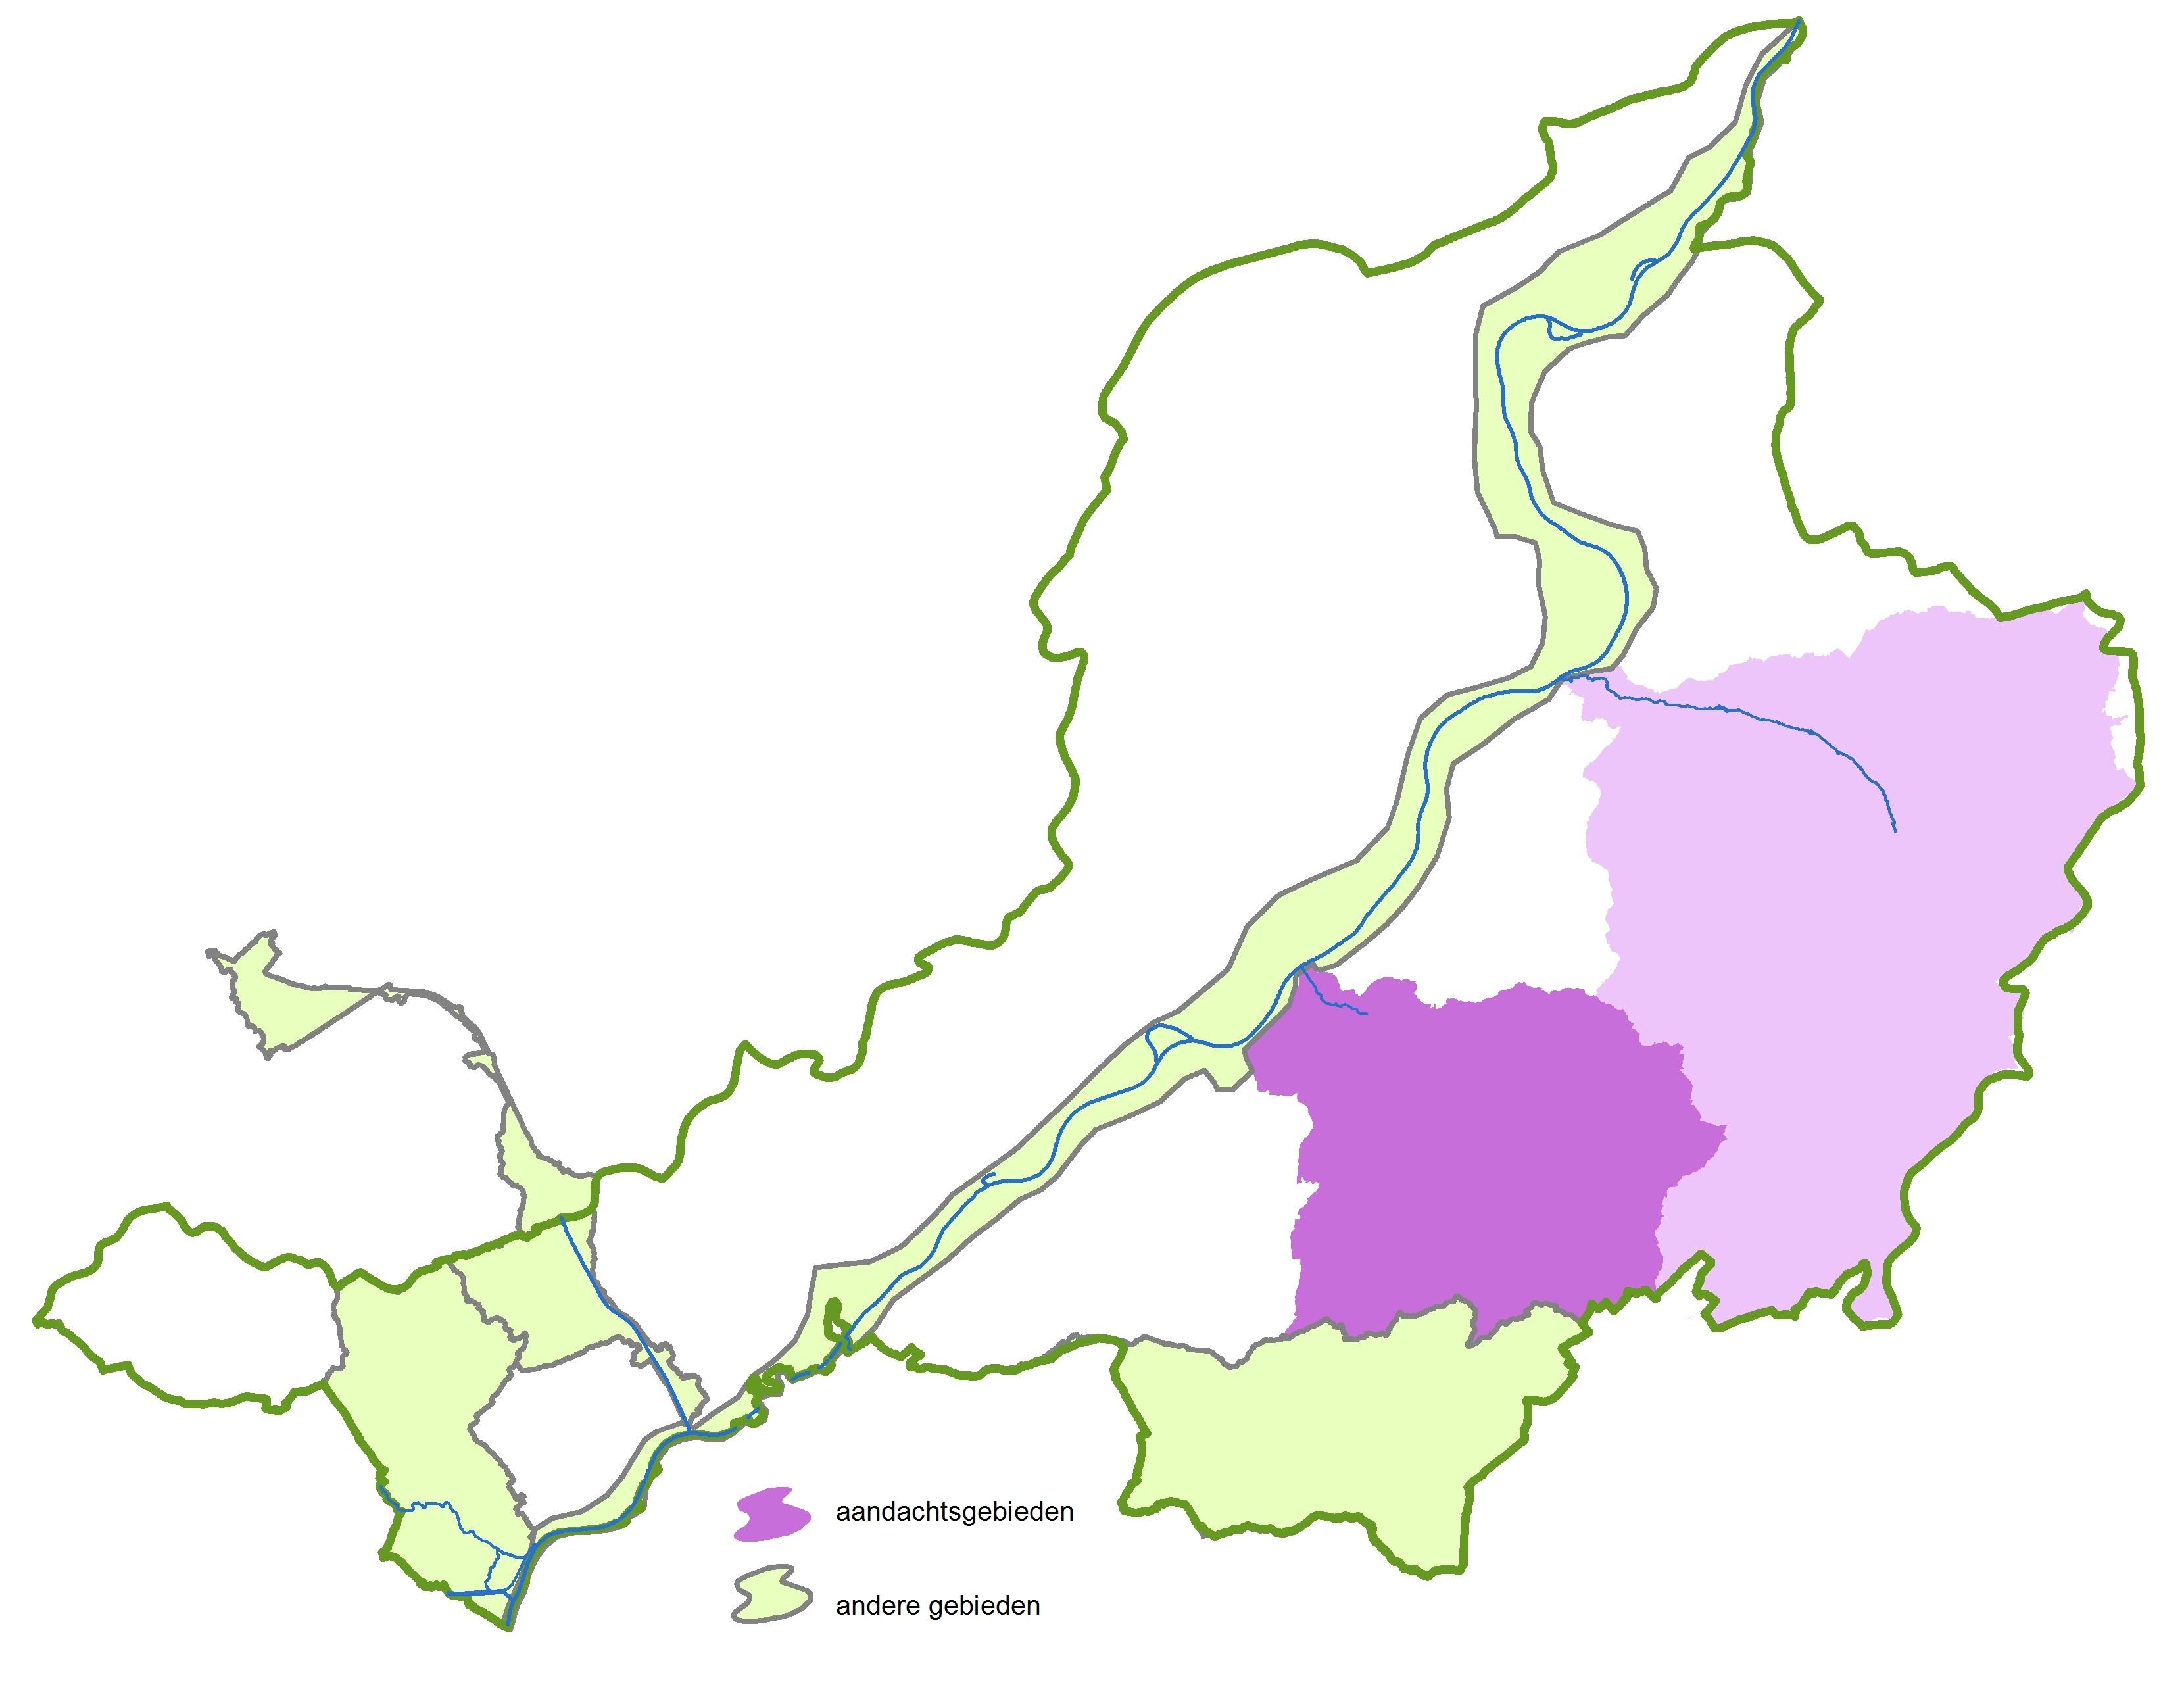 Bekkenkaart Bovenscheldebekken